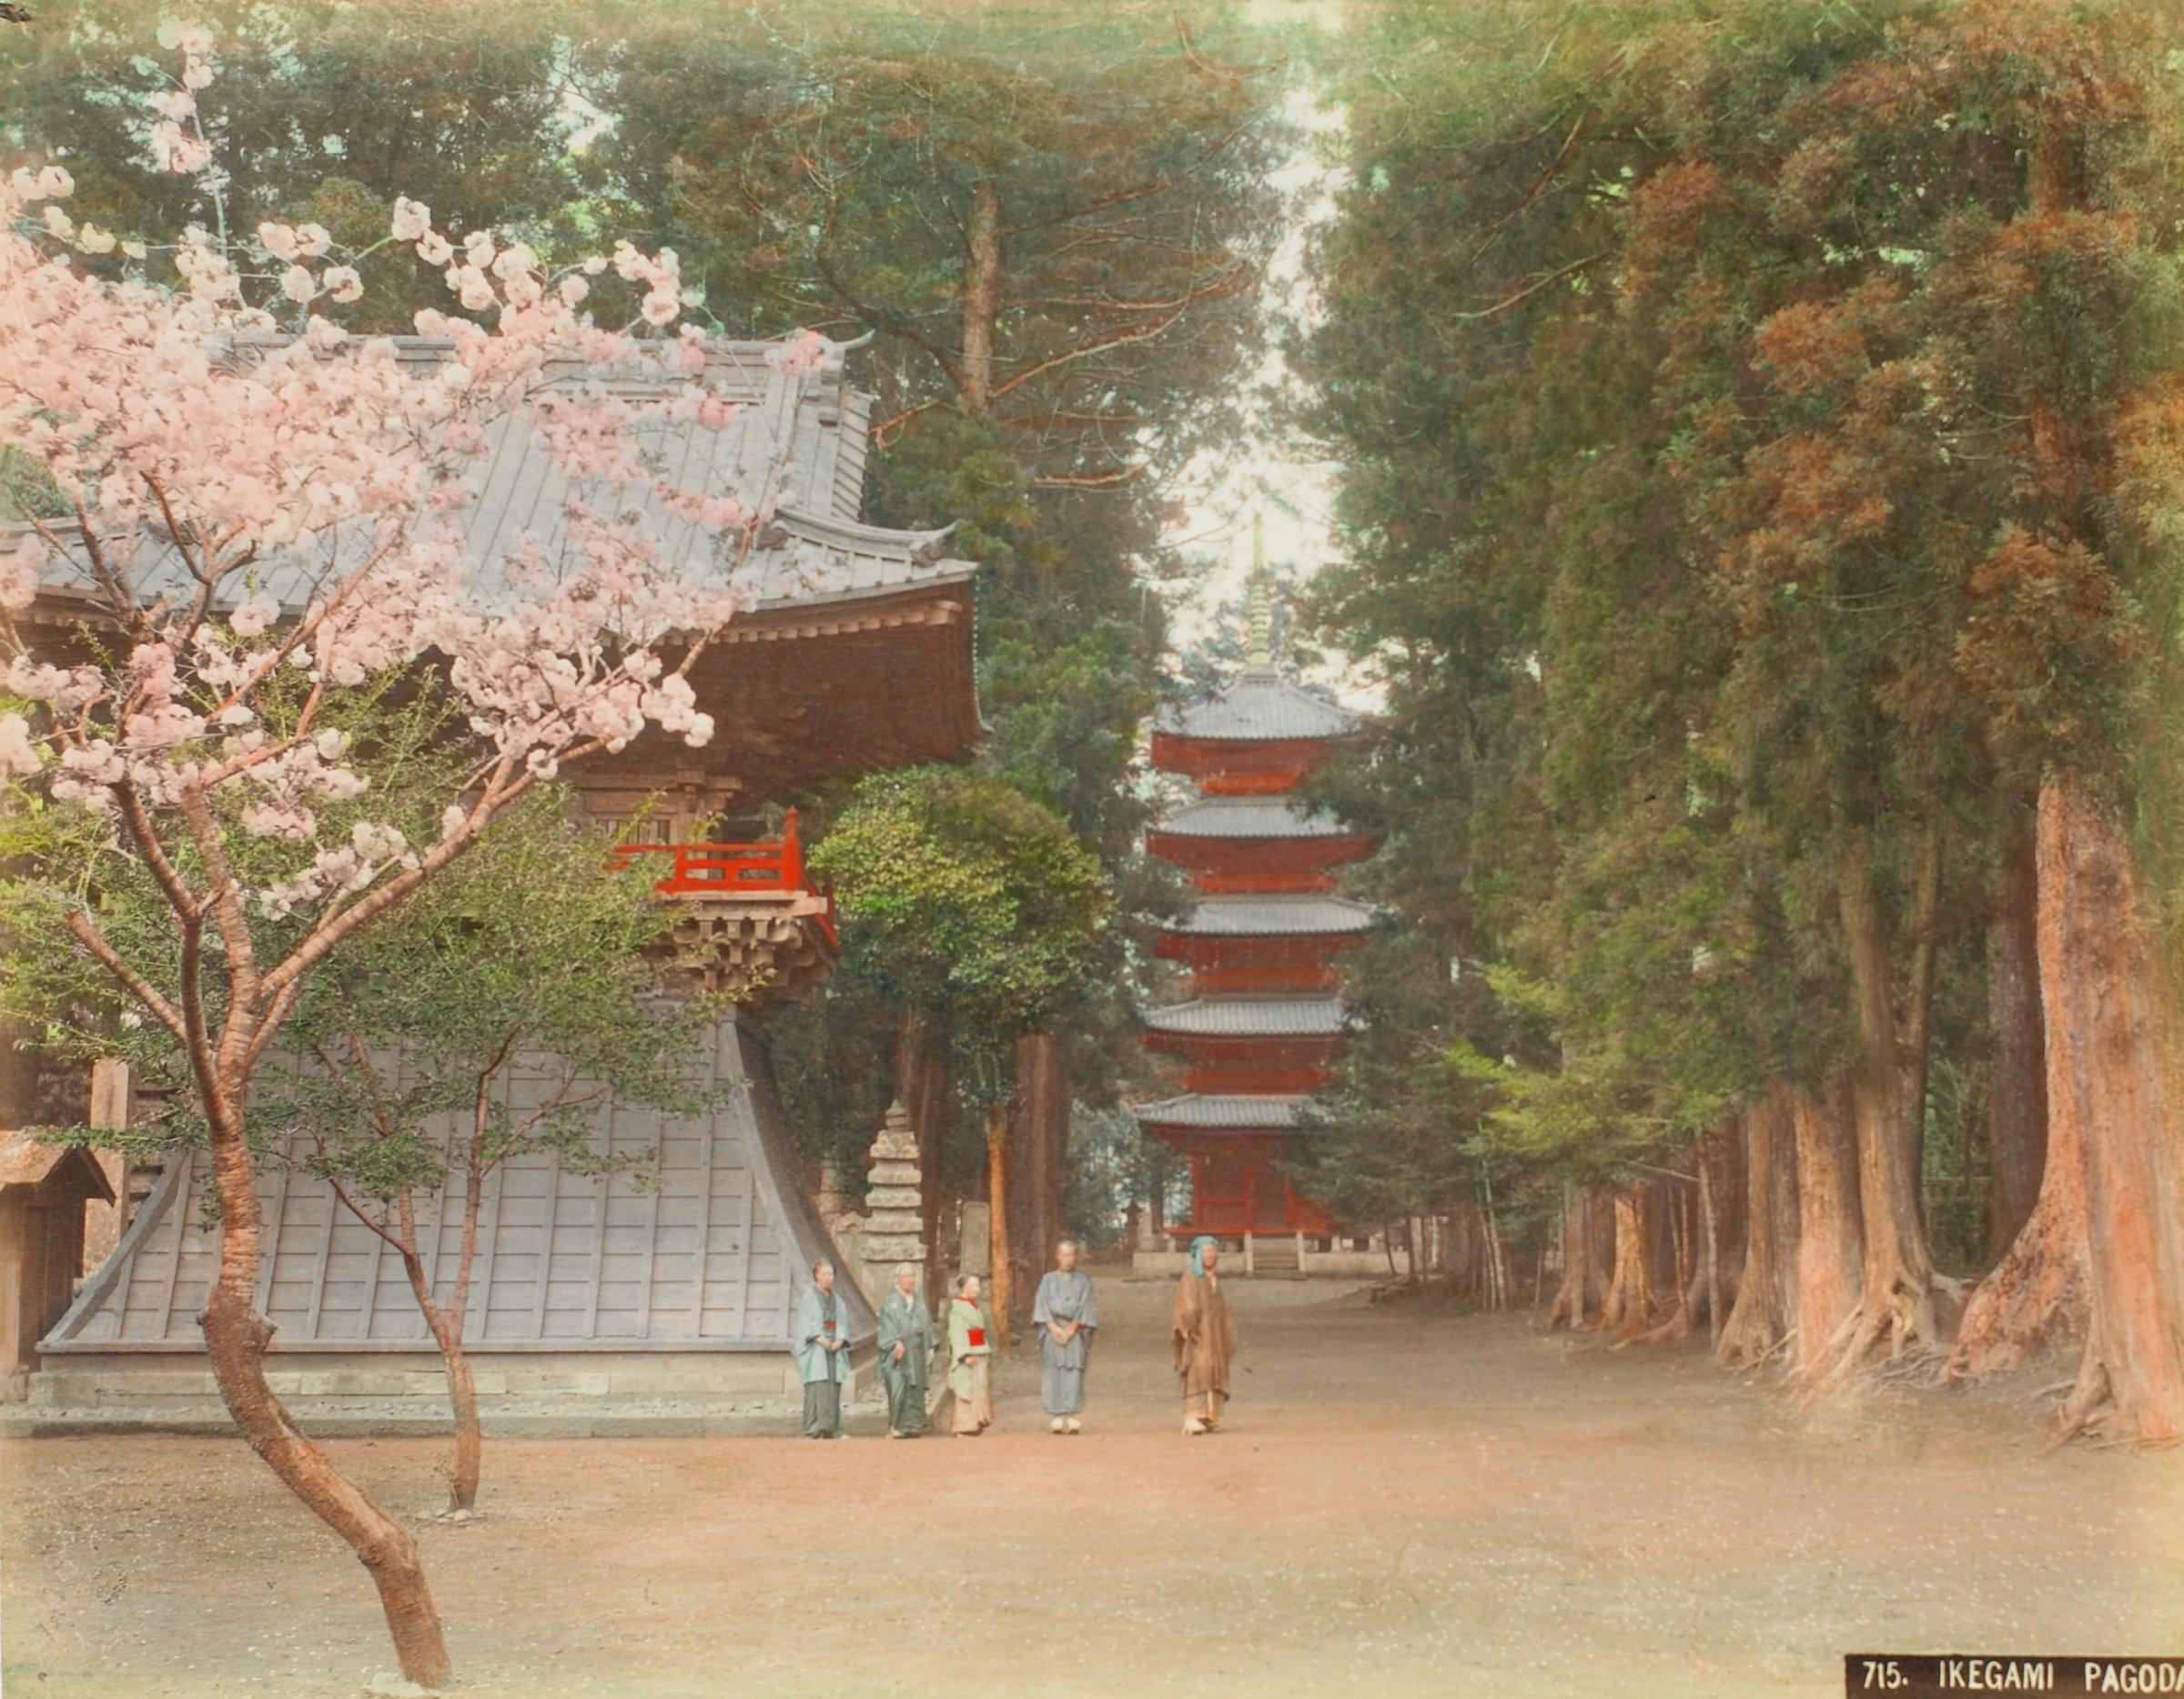 Shindoazu (Pond) Uyeno, Tokio (.38, recto); Ikegami Pagoda (.39, verso), Attributed to Kusakabe Kimbei, hand-colored albumen prints mounted to album page